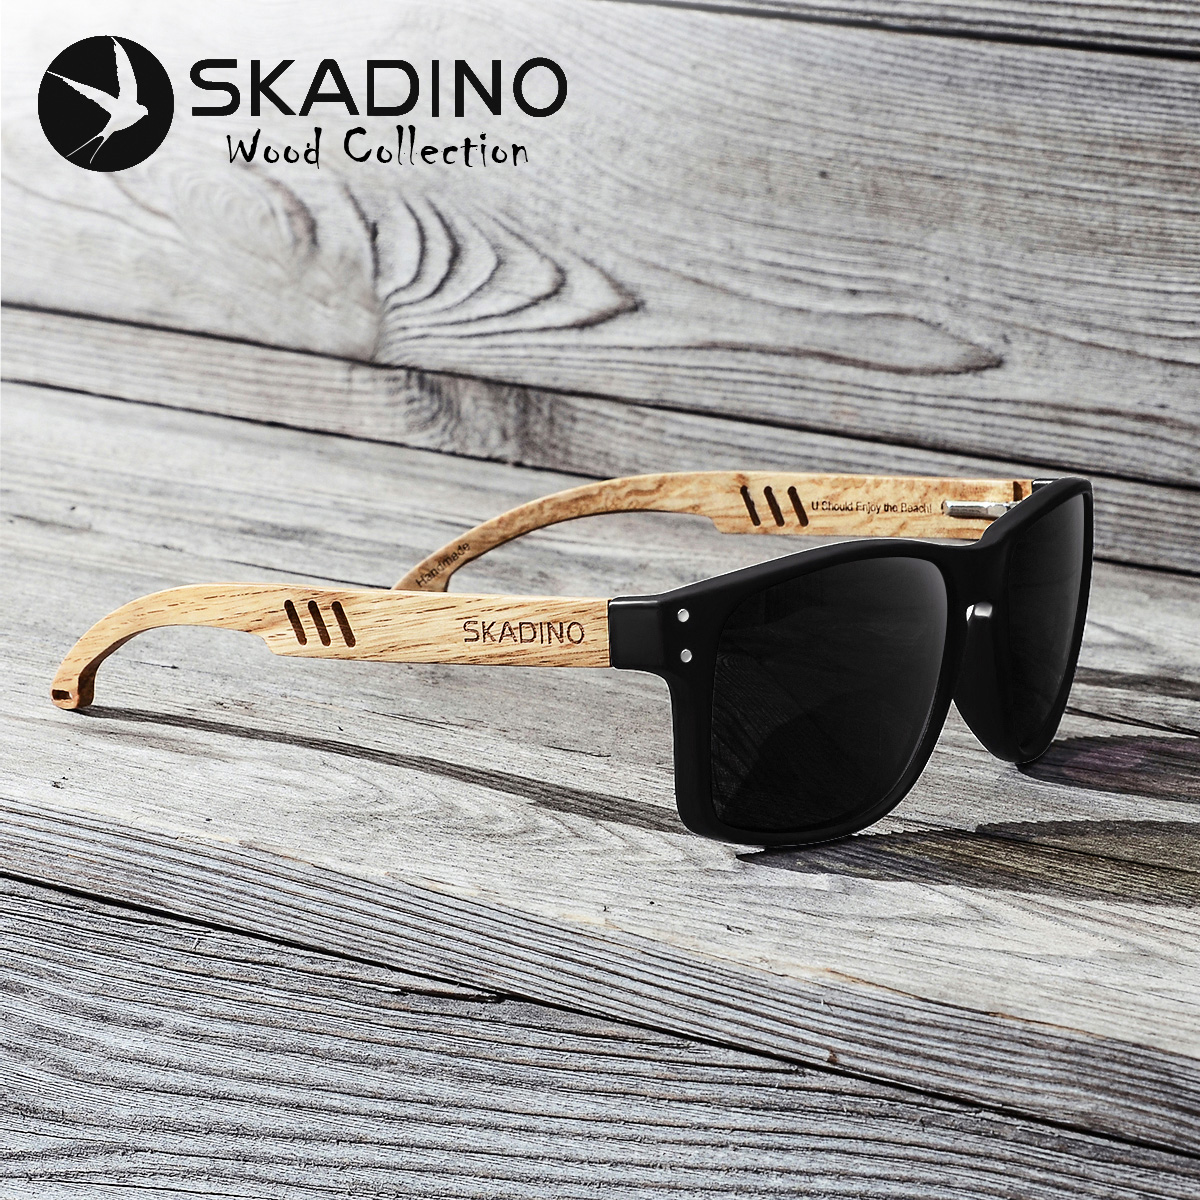 SKADINO Beech Wood Men Sunglasses Polarized Wooden Sun Glasses for Women Blue Green Lens Handmade Fashion Brand Cool UV400Mens Sunglasses   -